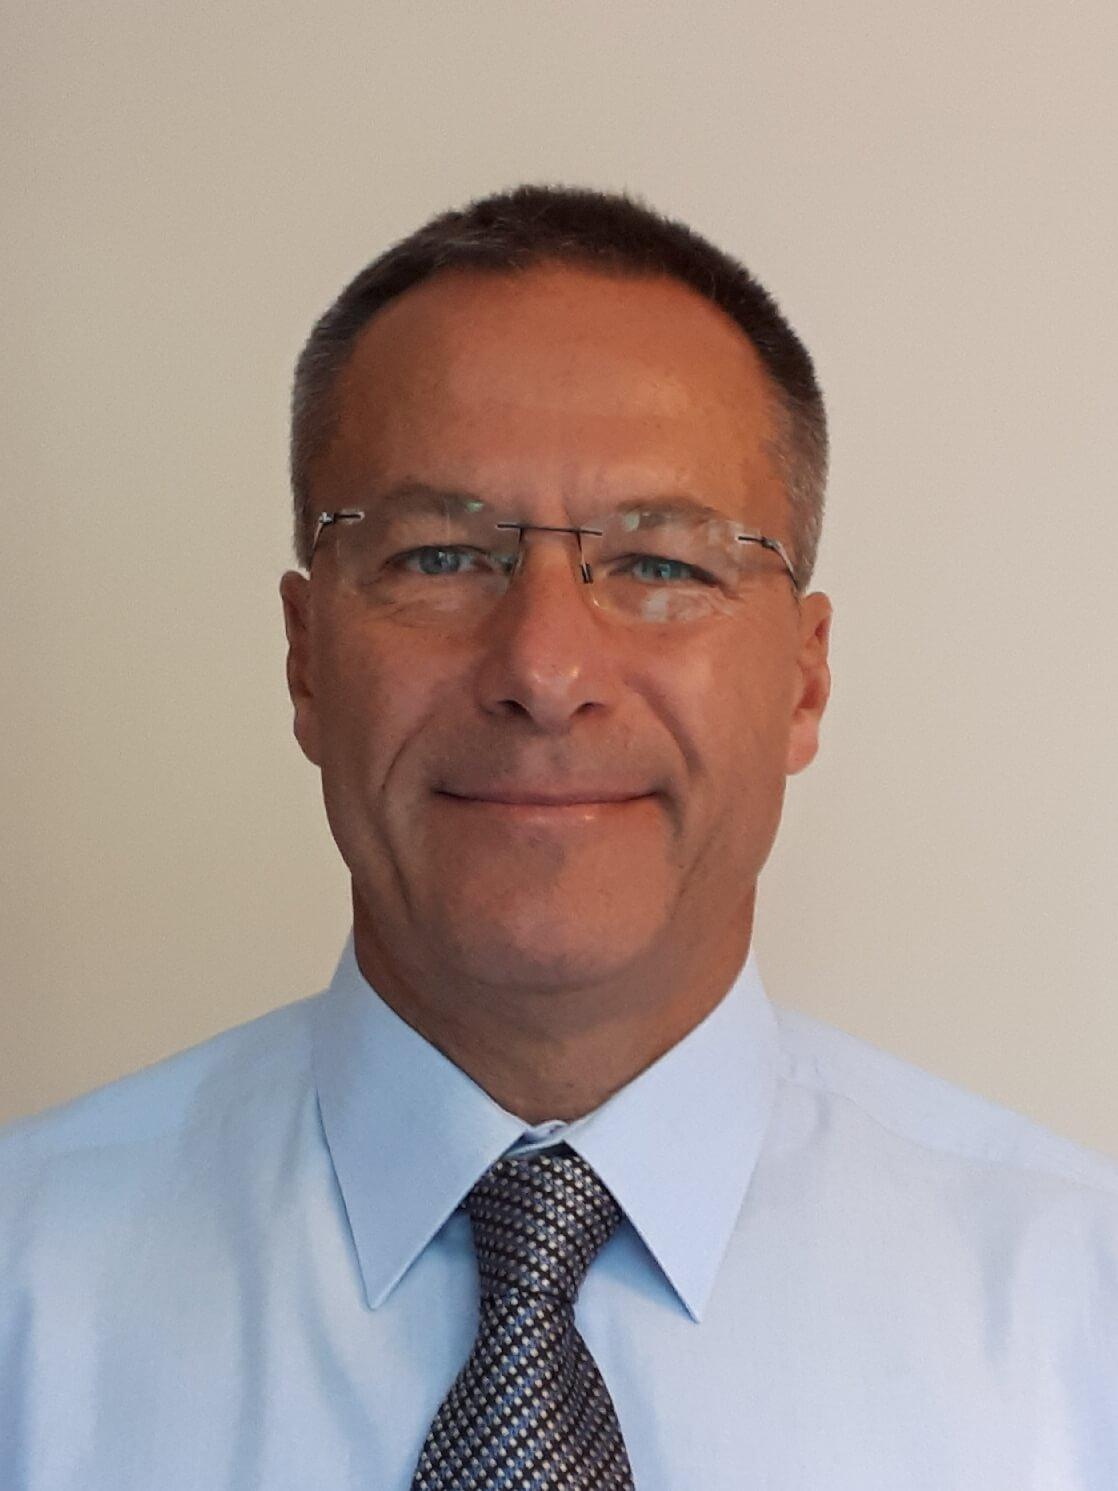 Dr. Mikes Csaba